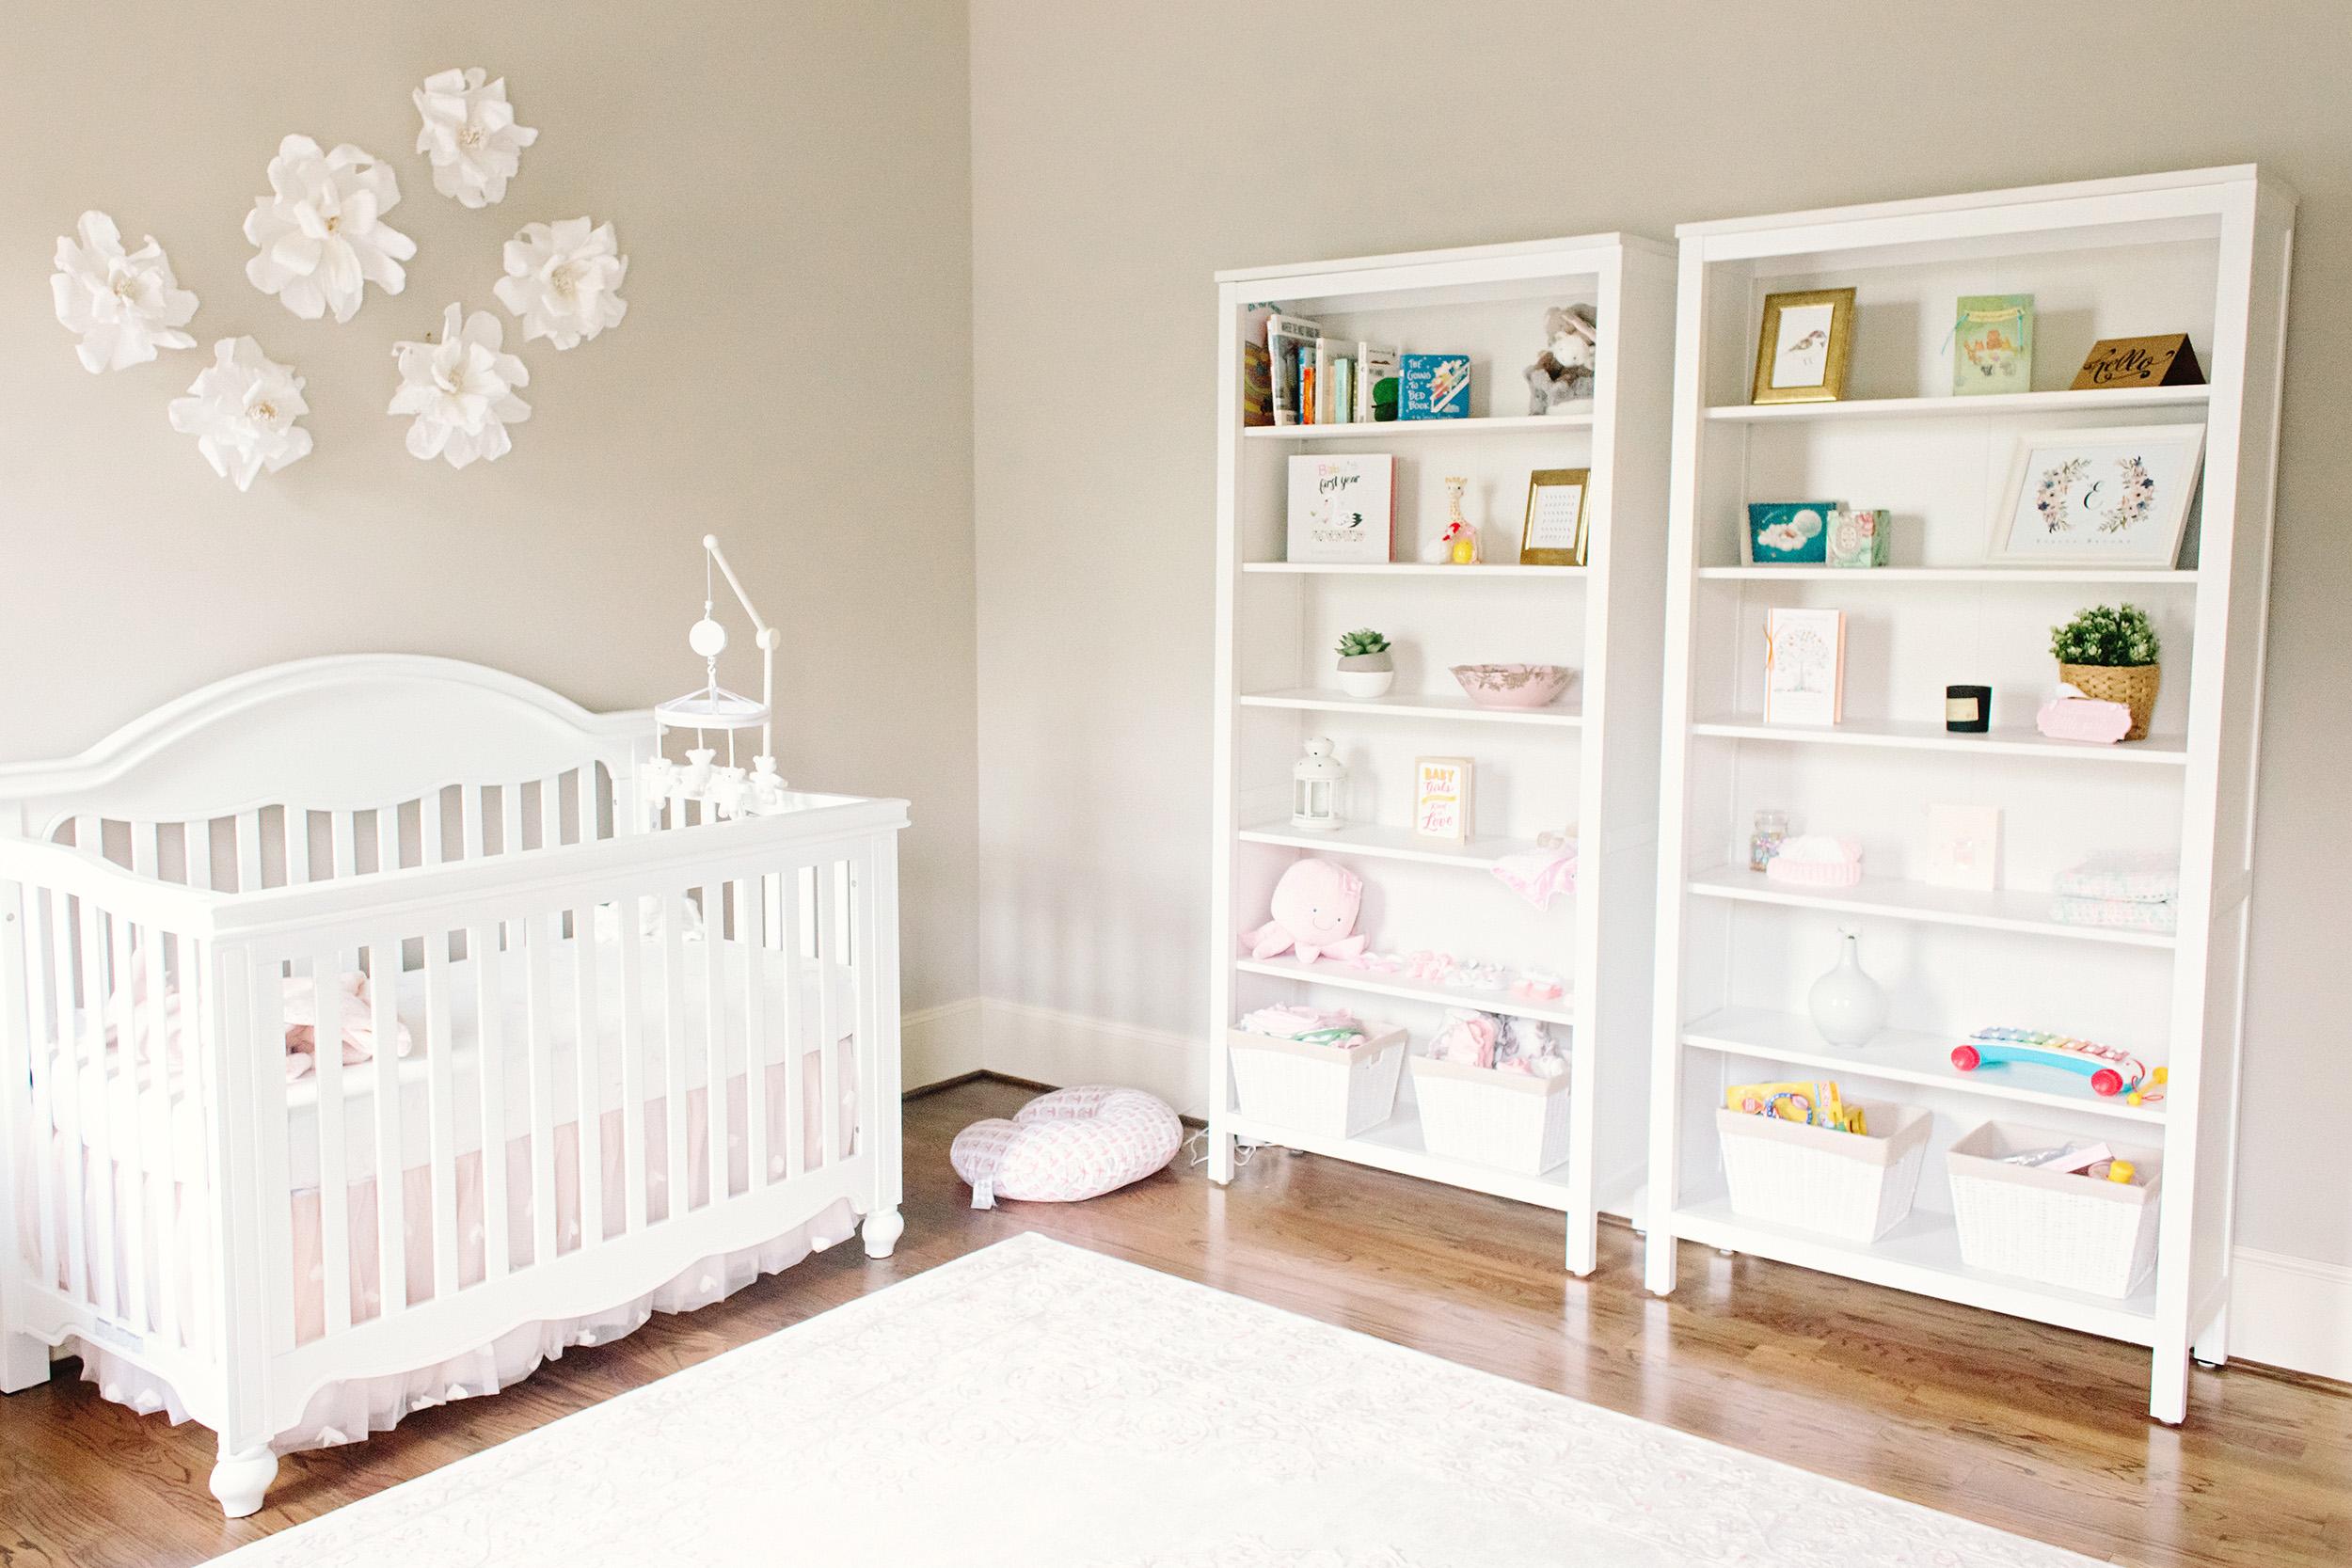 Cassie Schott Photography_Houston_Chicago_Lifestyle Newborn Photographer_Nursery Inspiration